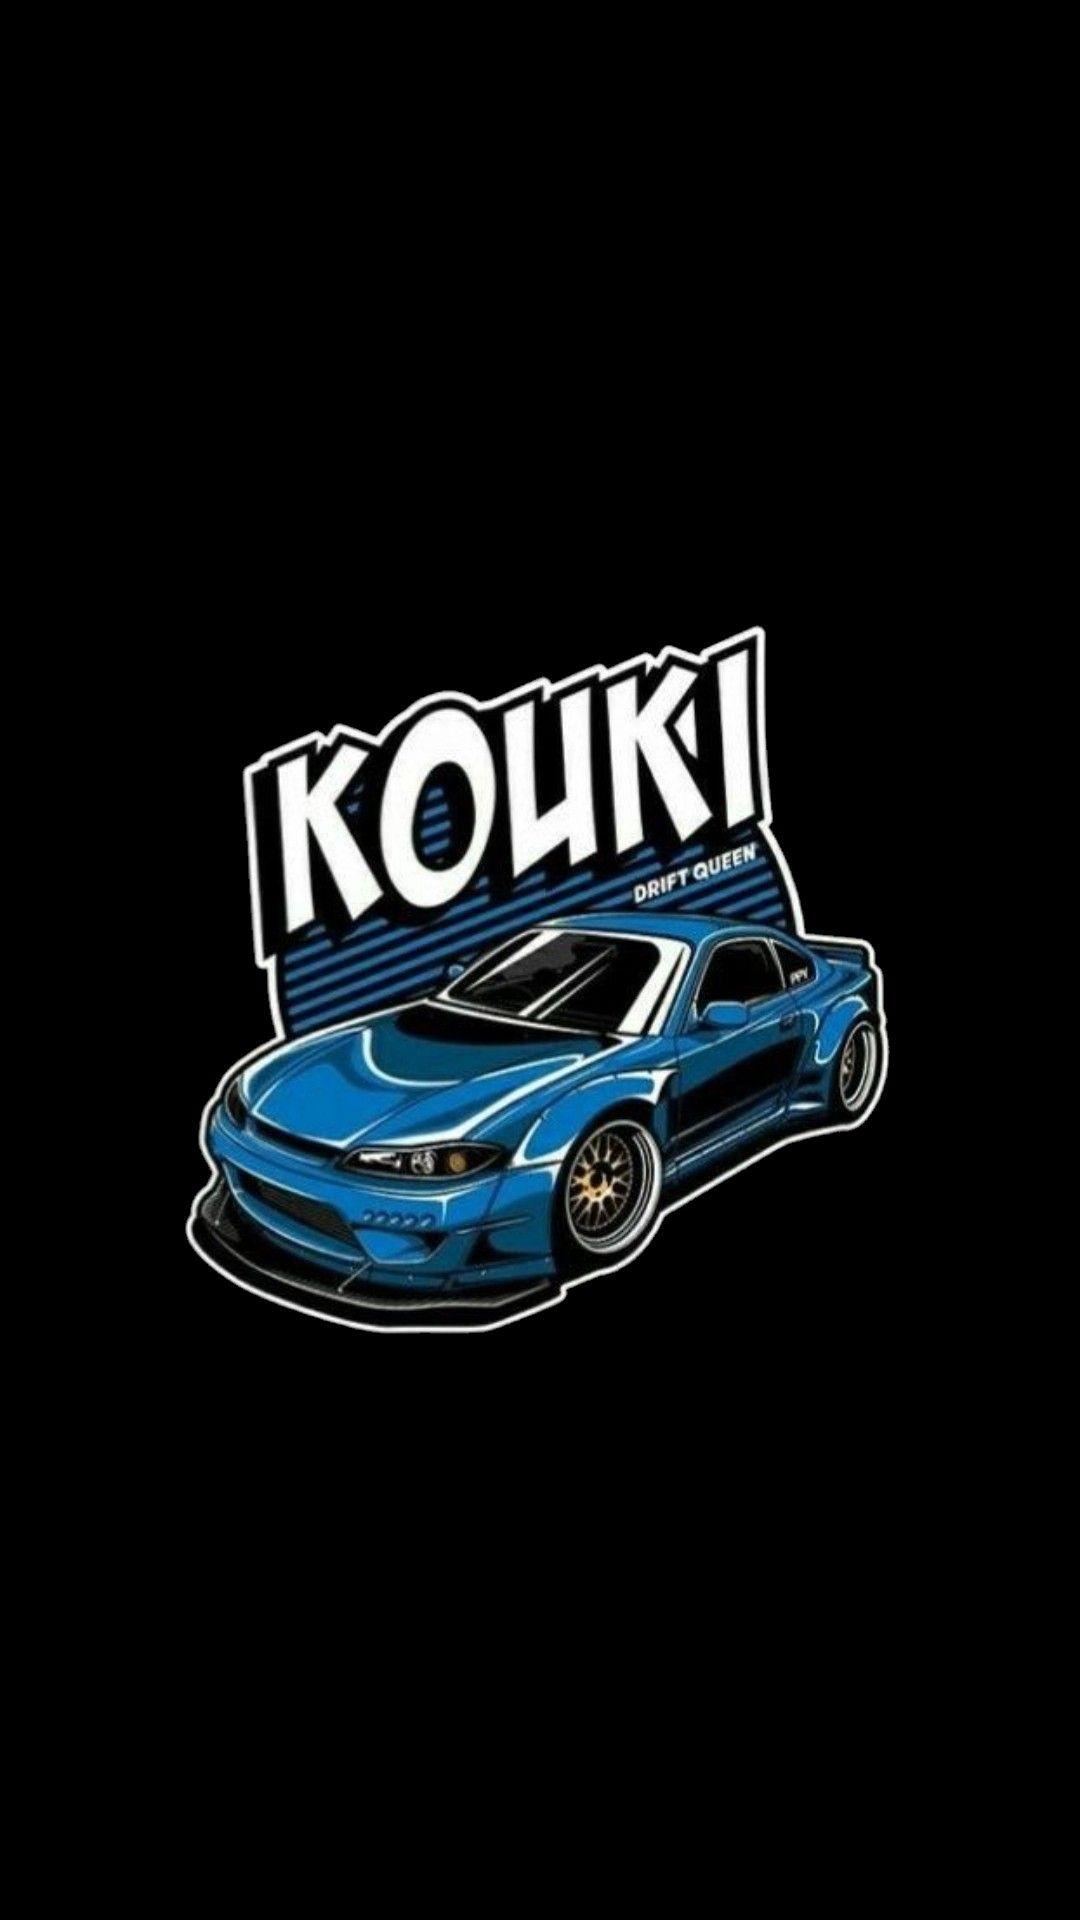 Pin De Md Syamim Em Cartoon Jdm Car Com Imagens Carros